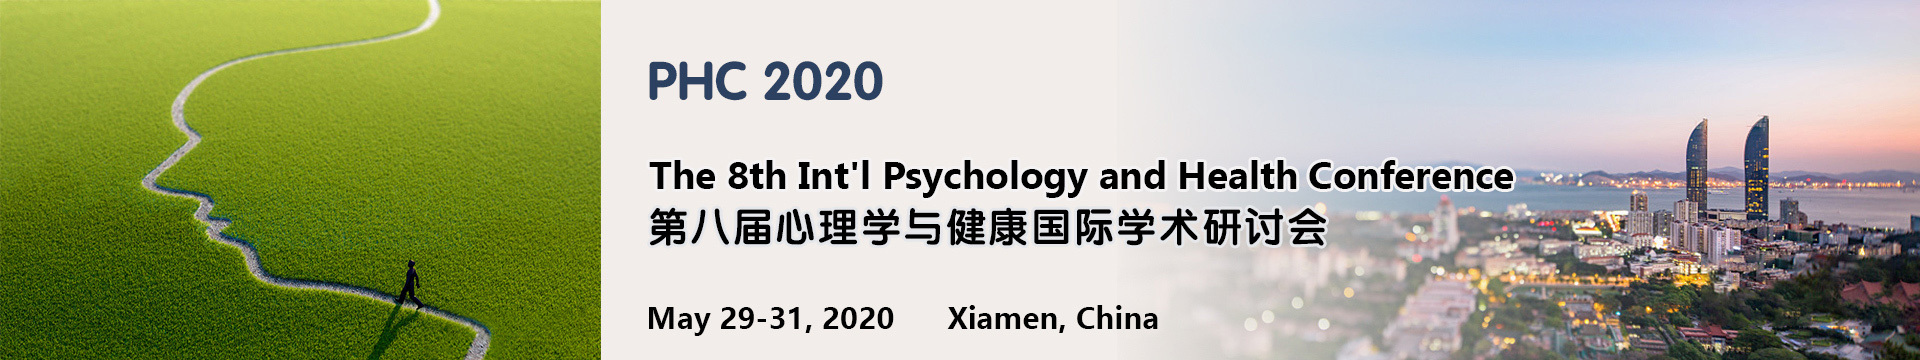 ?2020年第八届心理学与健康国际学术研讨会(PHC 2020)